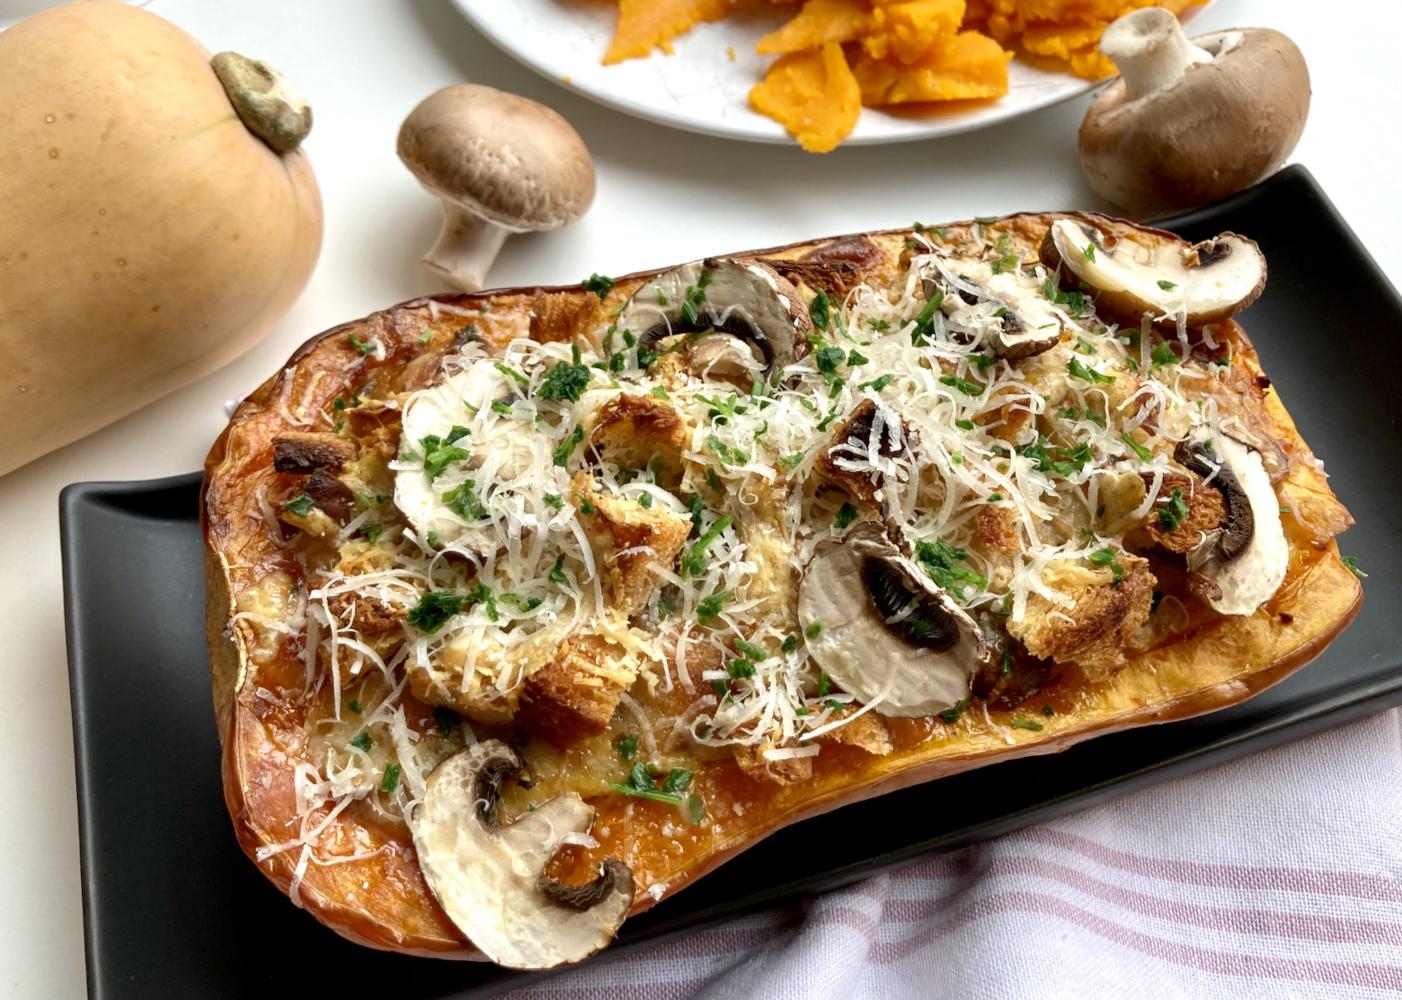 Gefüllter Kürbis – Butternut mit Croutons und Pilzen